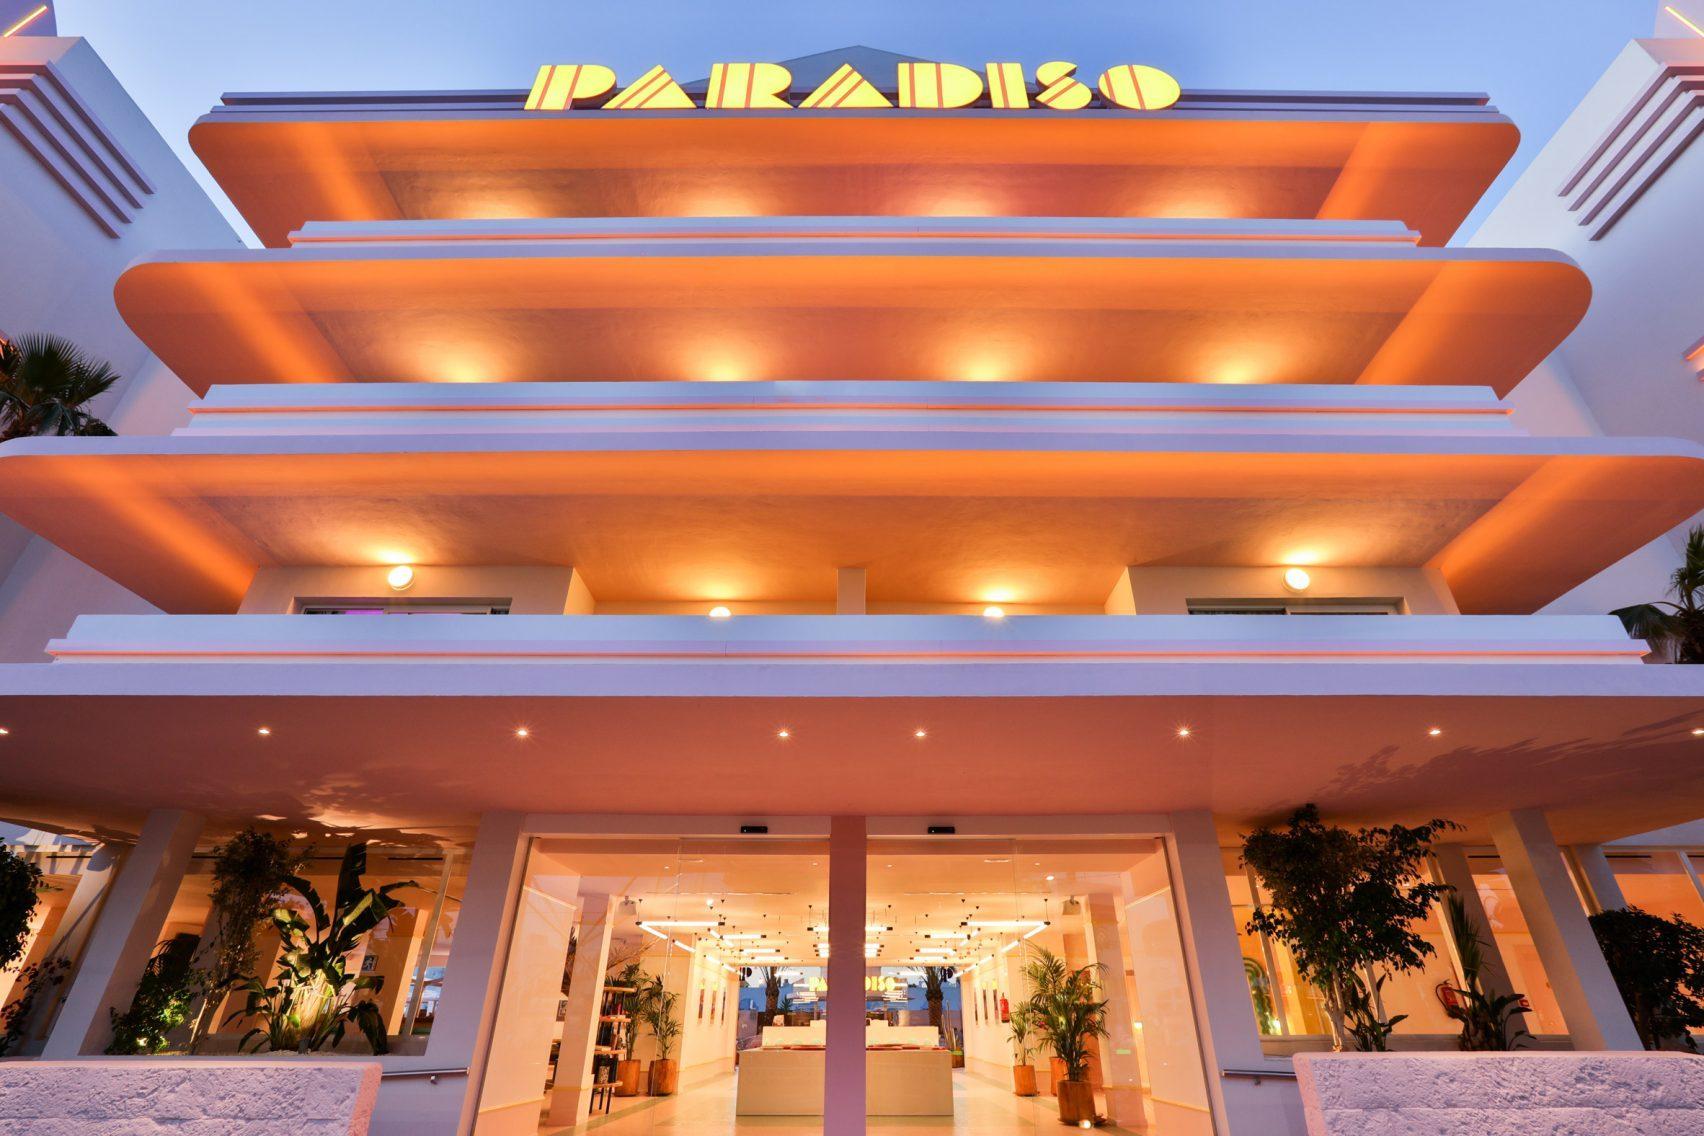 paradiso-ilmiodesign-designalive-15